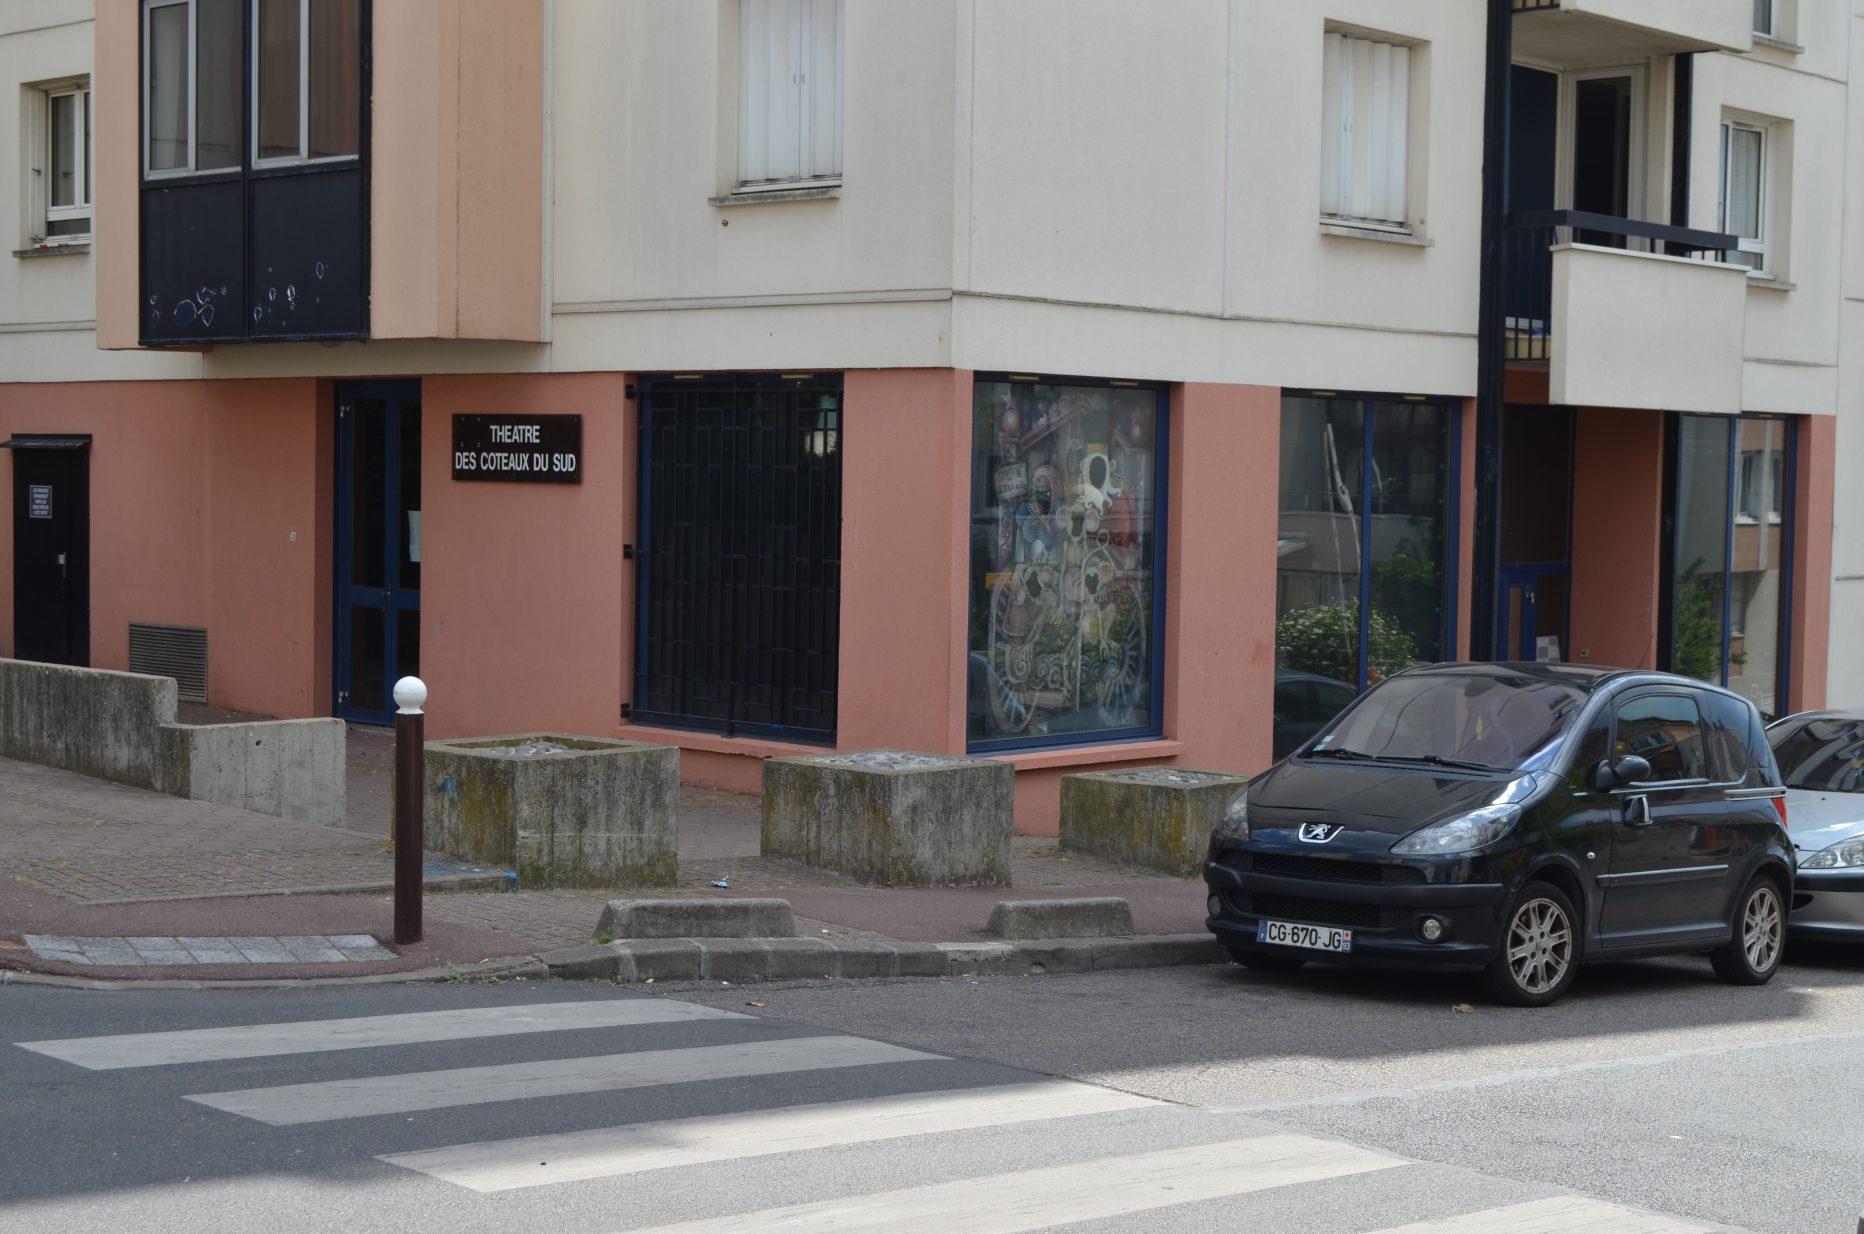 Theatre Coteaux Du Sud